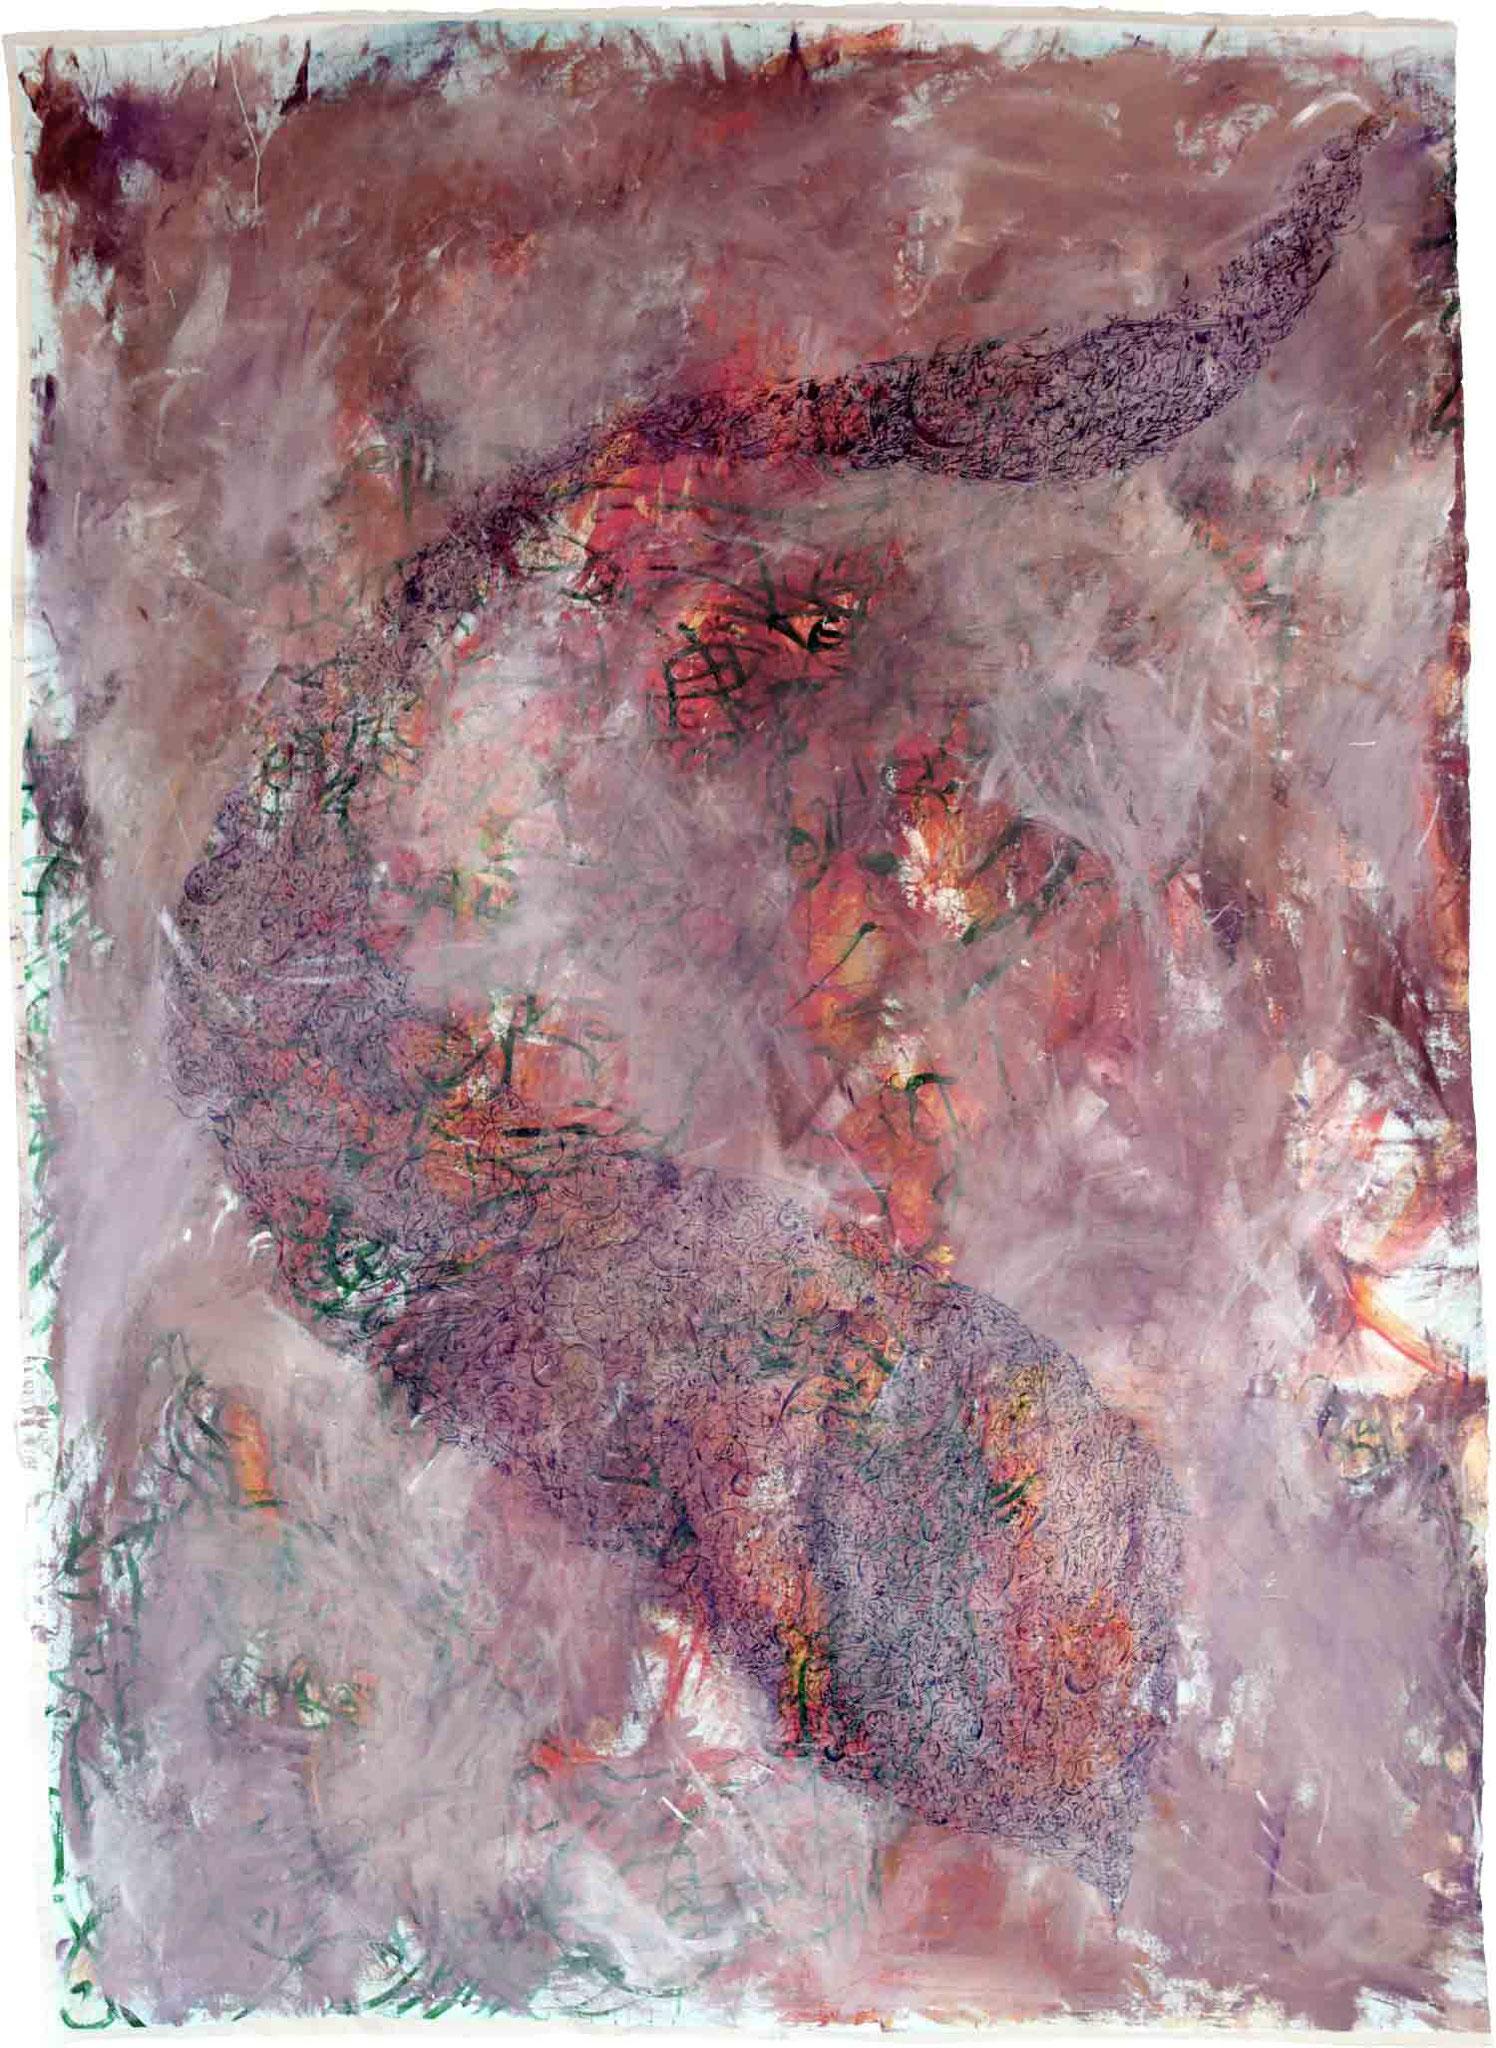 ohne Titel 1, 2012, Mischtechnik auf Leinwand, 202 x 144 cm